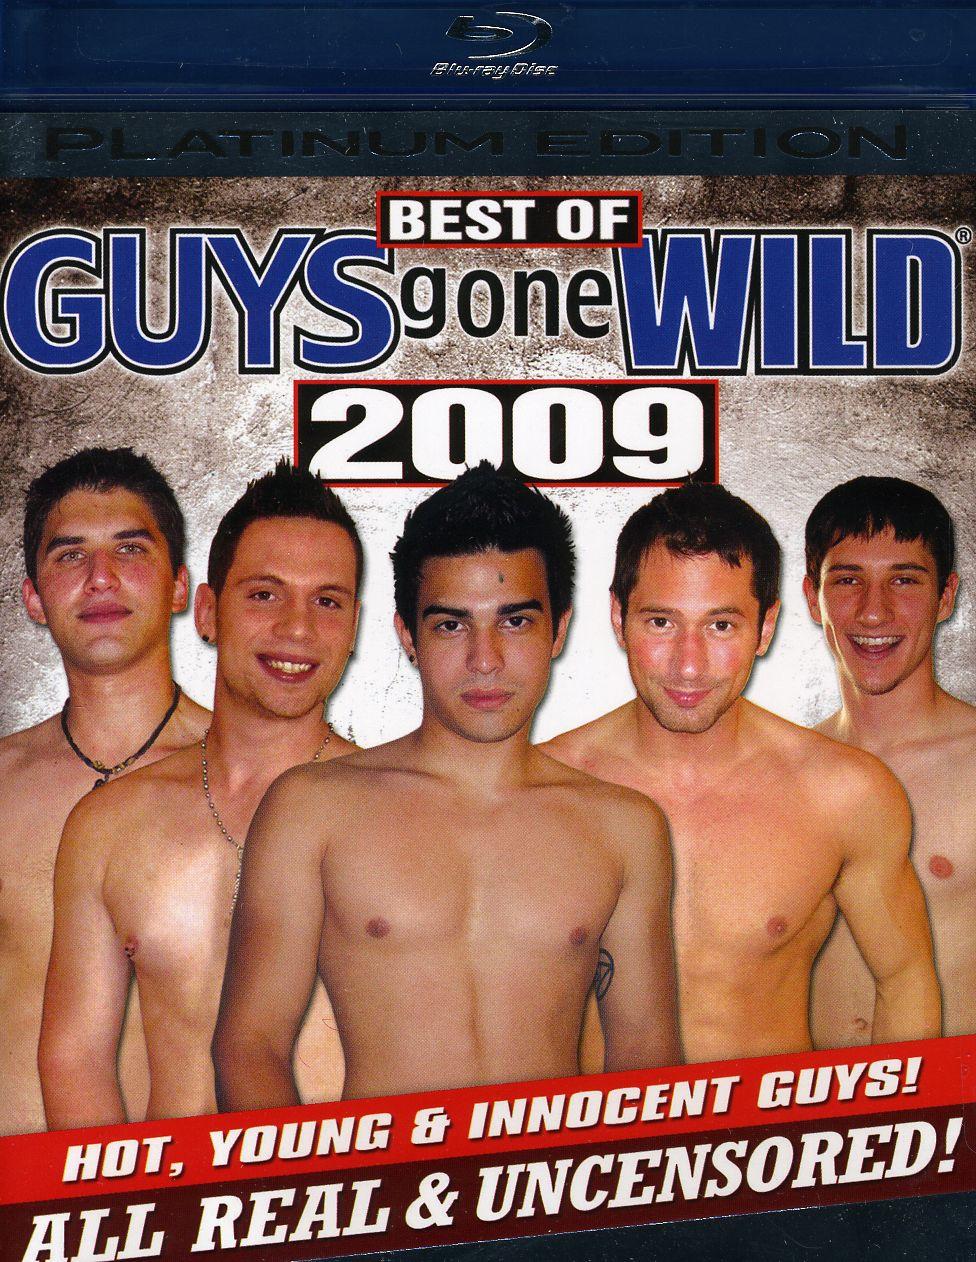 Guys Gone Wild: Best of Guys Gone Wild 2009 - Platinum Edition (Blu-ray Disc)